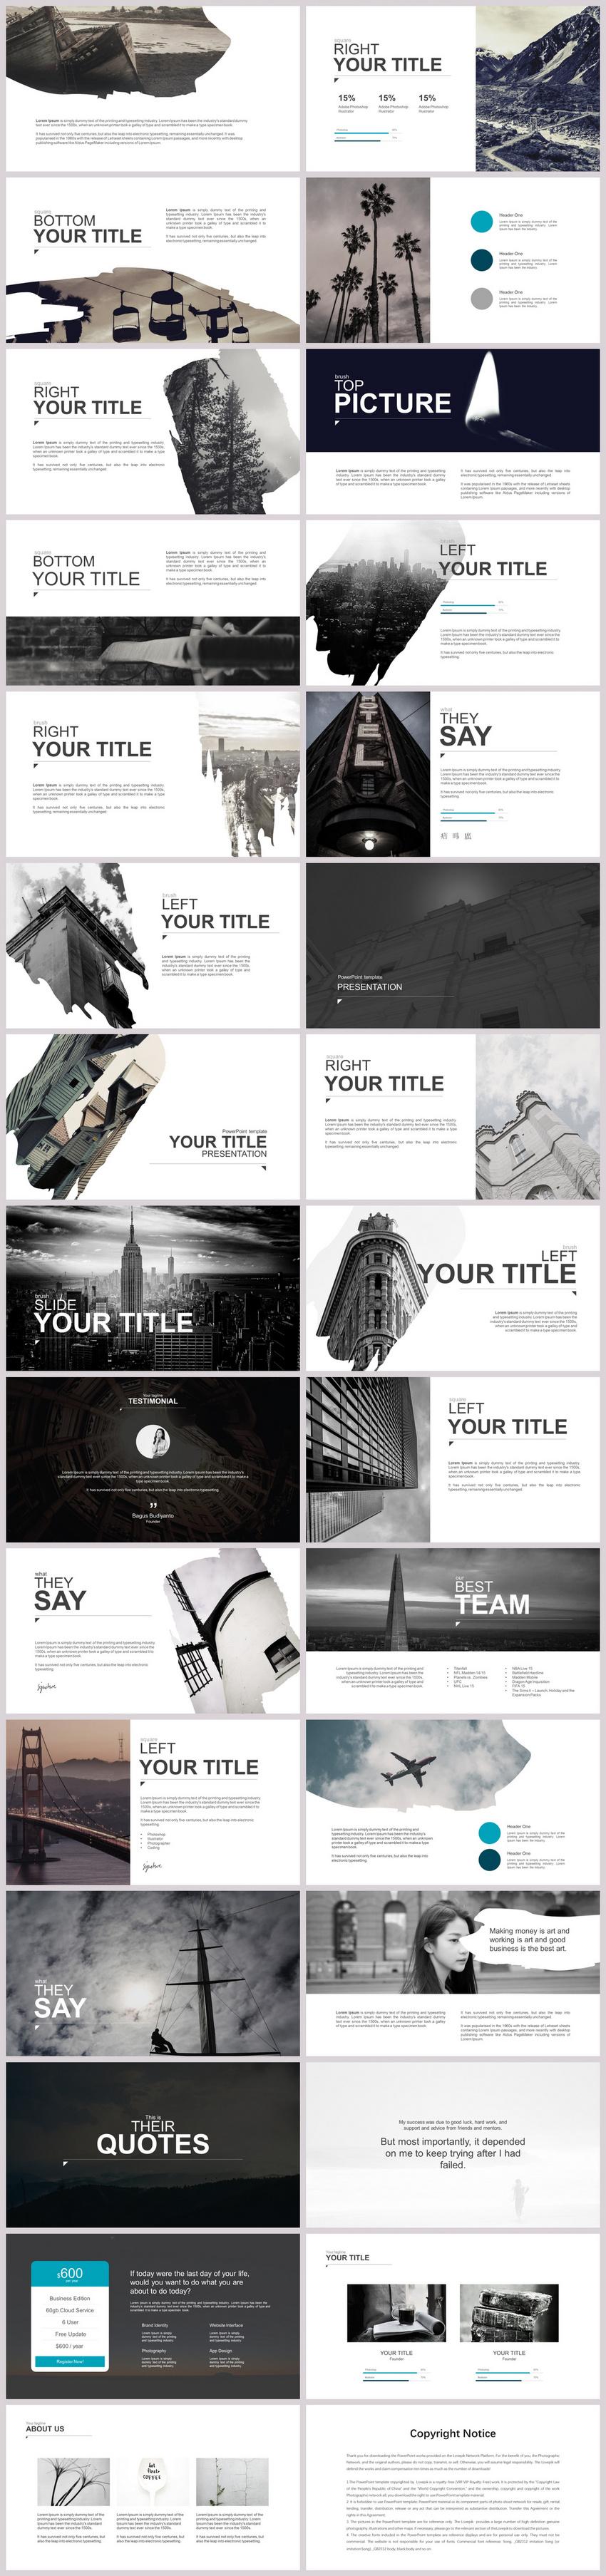 酷炫欧美风黑白商业宣传介绍PPT模板图片